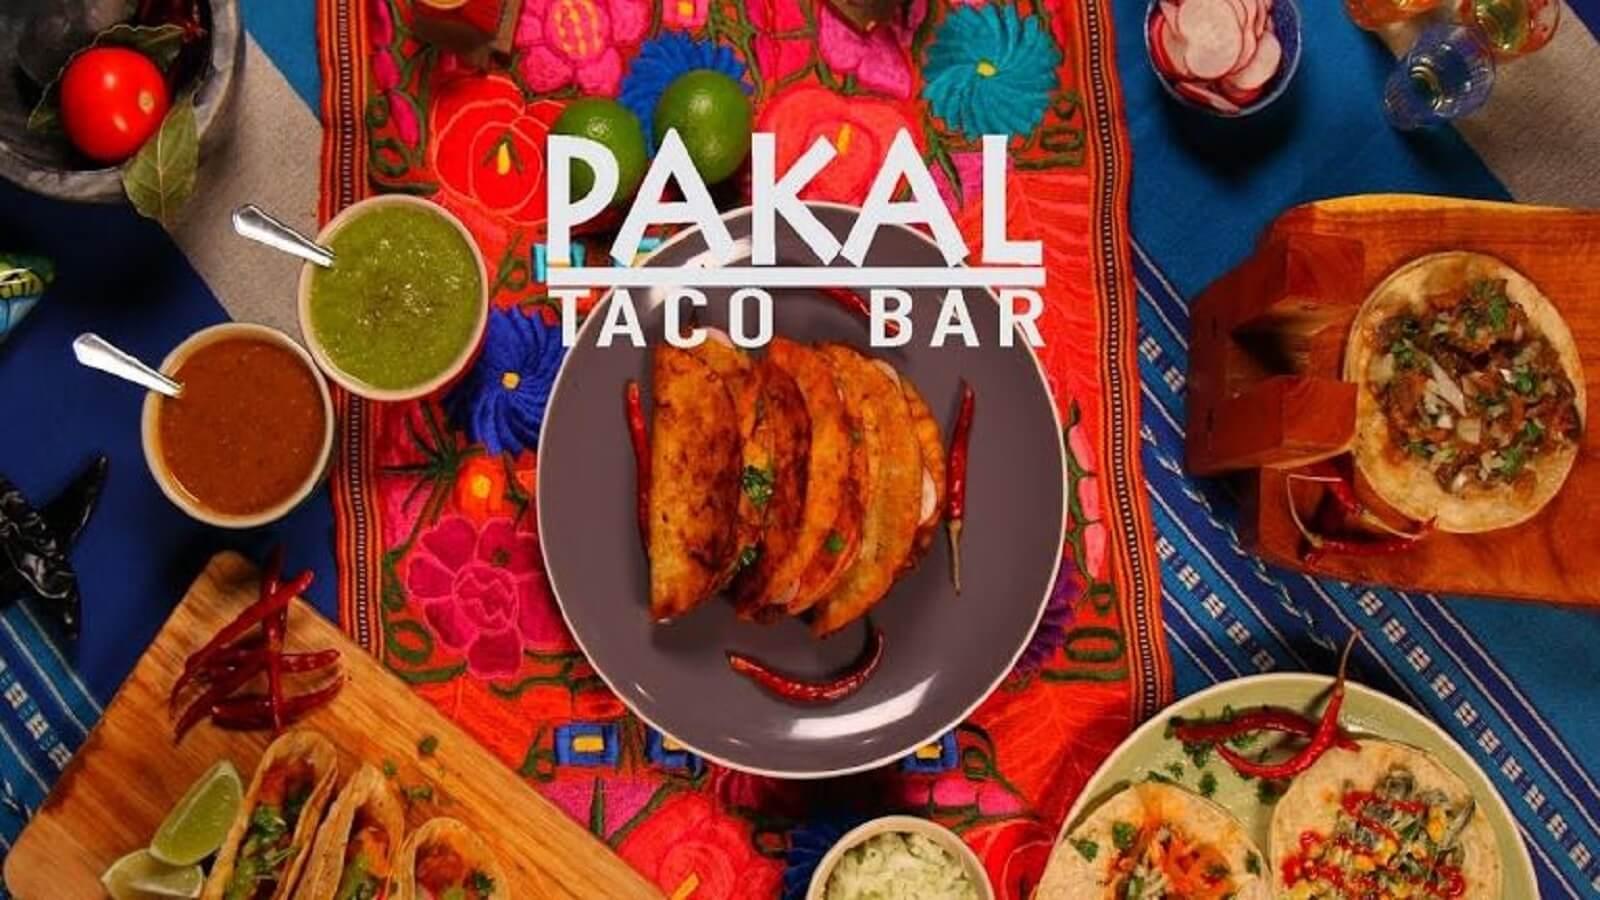 Pakal Taco Bar